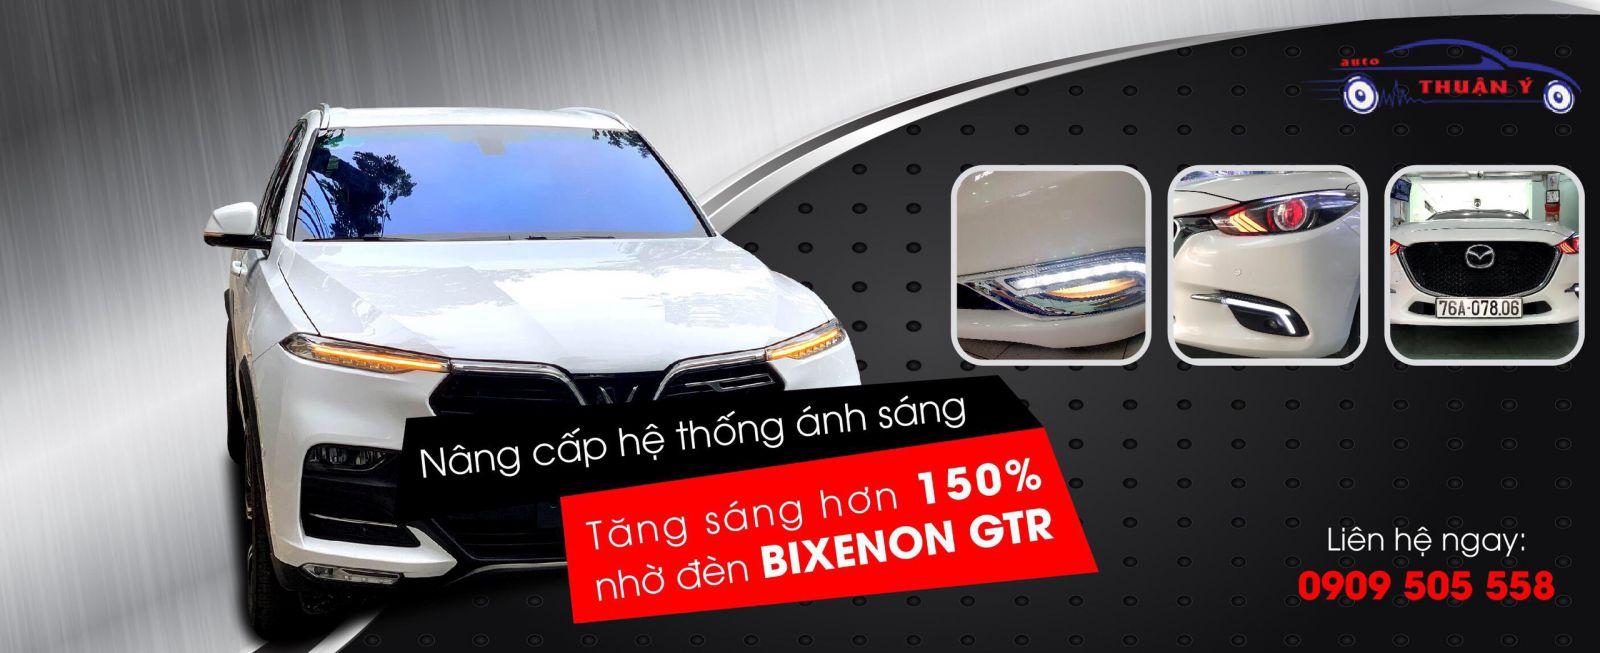 Độ đèn Bixeon giúp cải thiện đèn sáng của ô tô